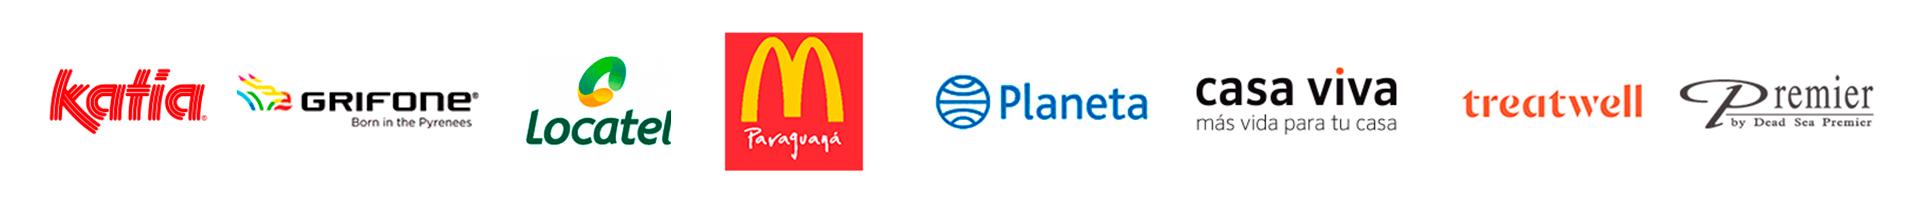 logos de marca